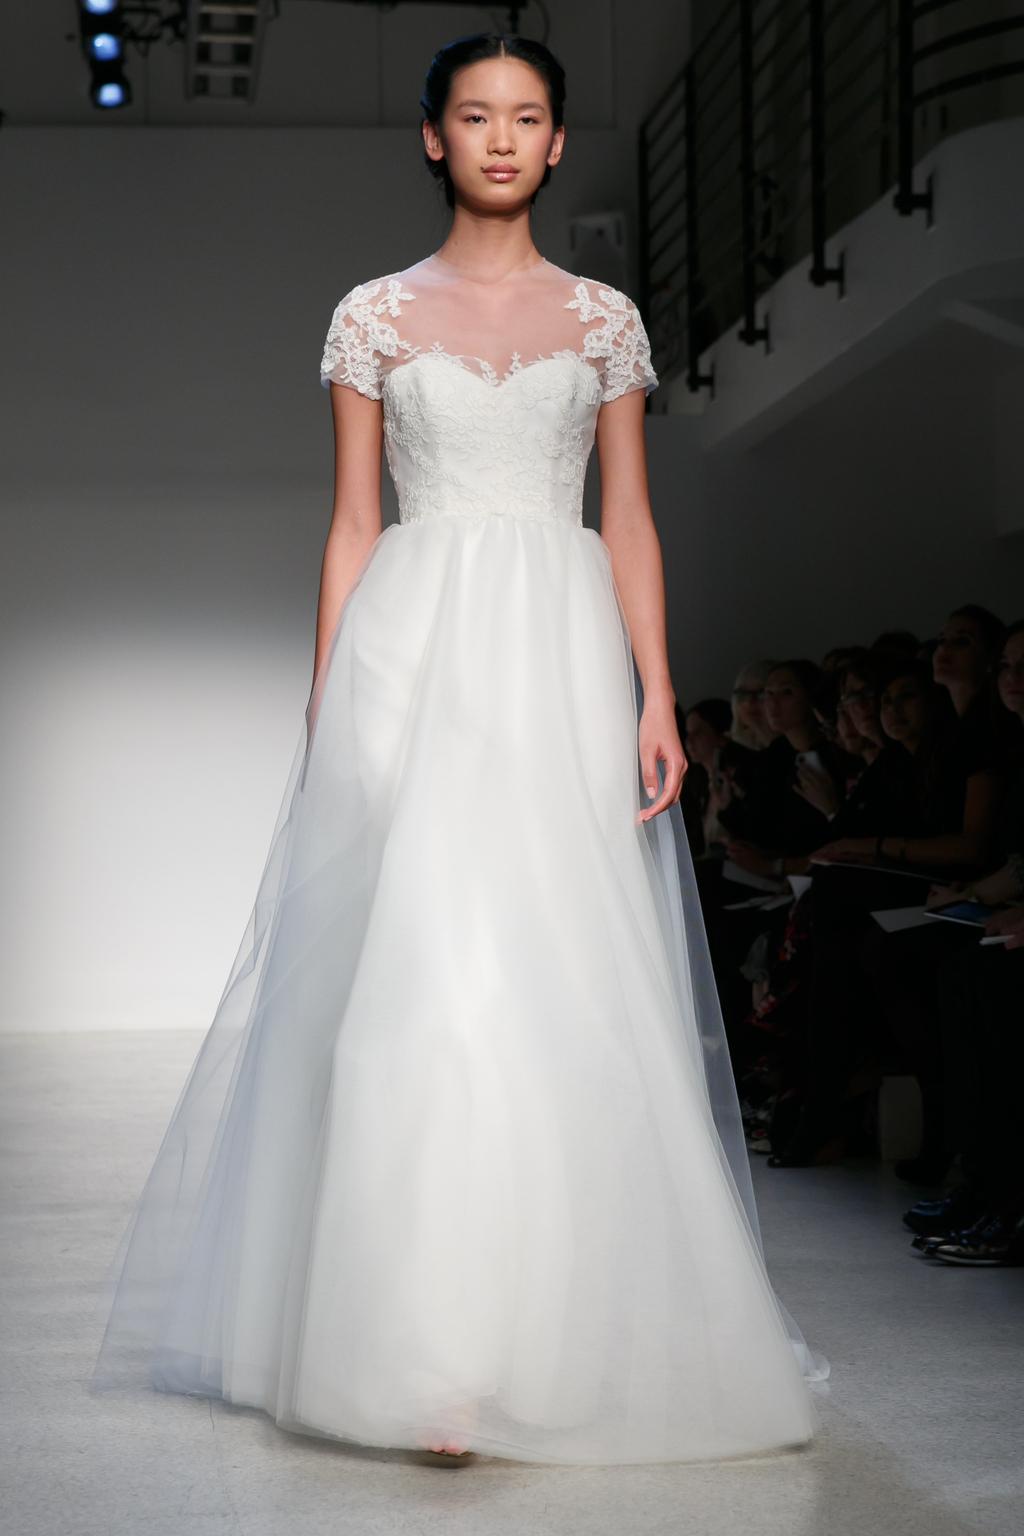 Fall-2013-wedding-dress-by-christos-amsale-bridal-1.full